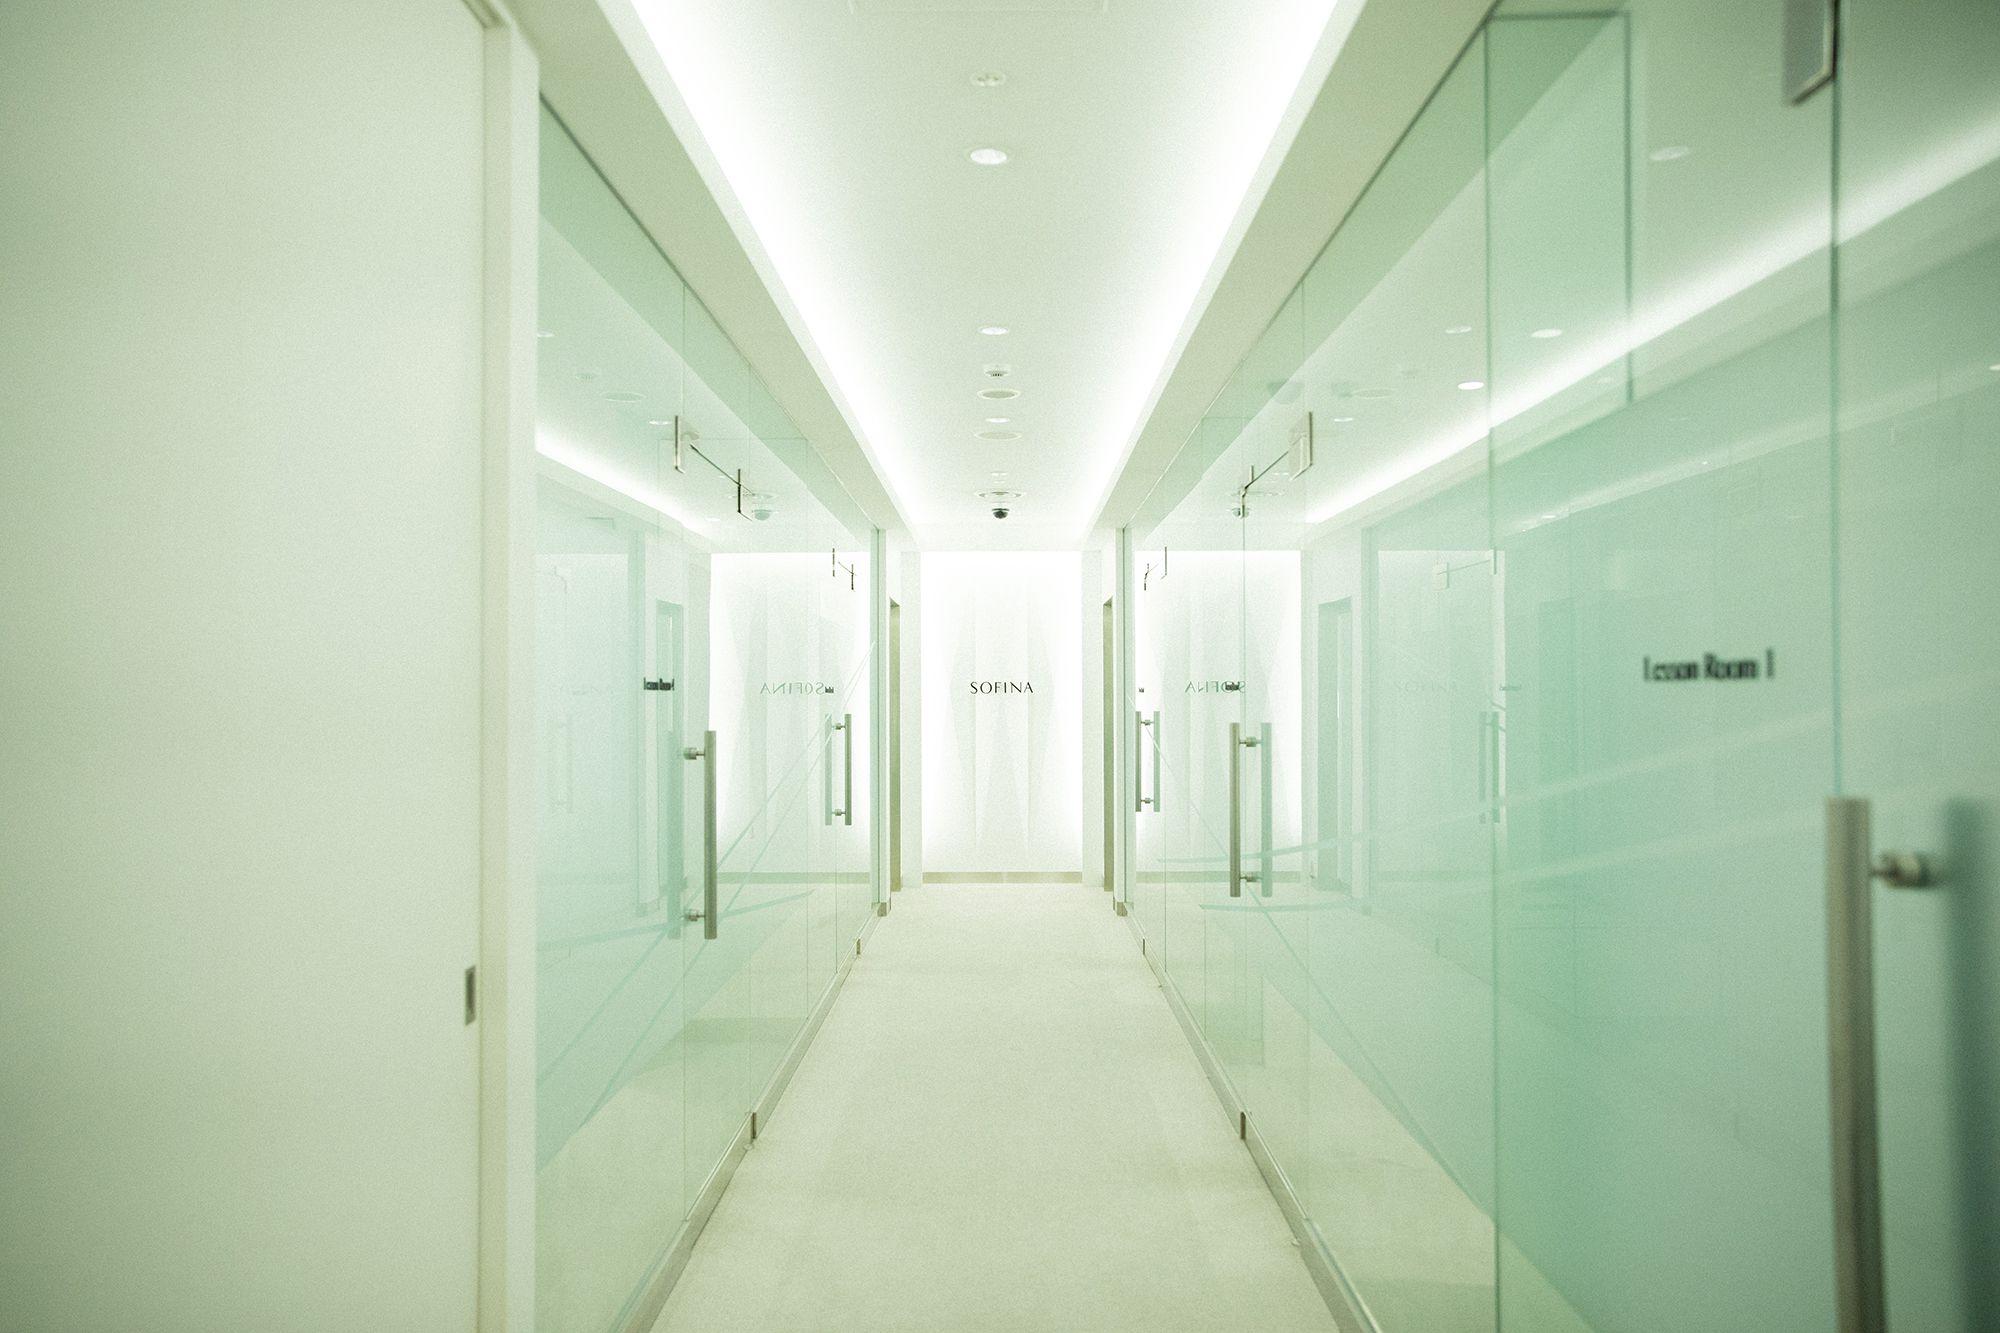 白色照明讓店內充滿了未來世界的感覺。